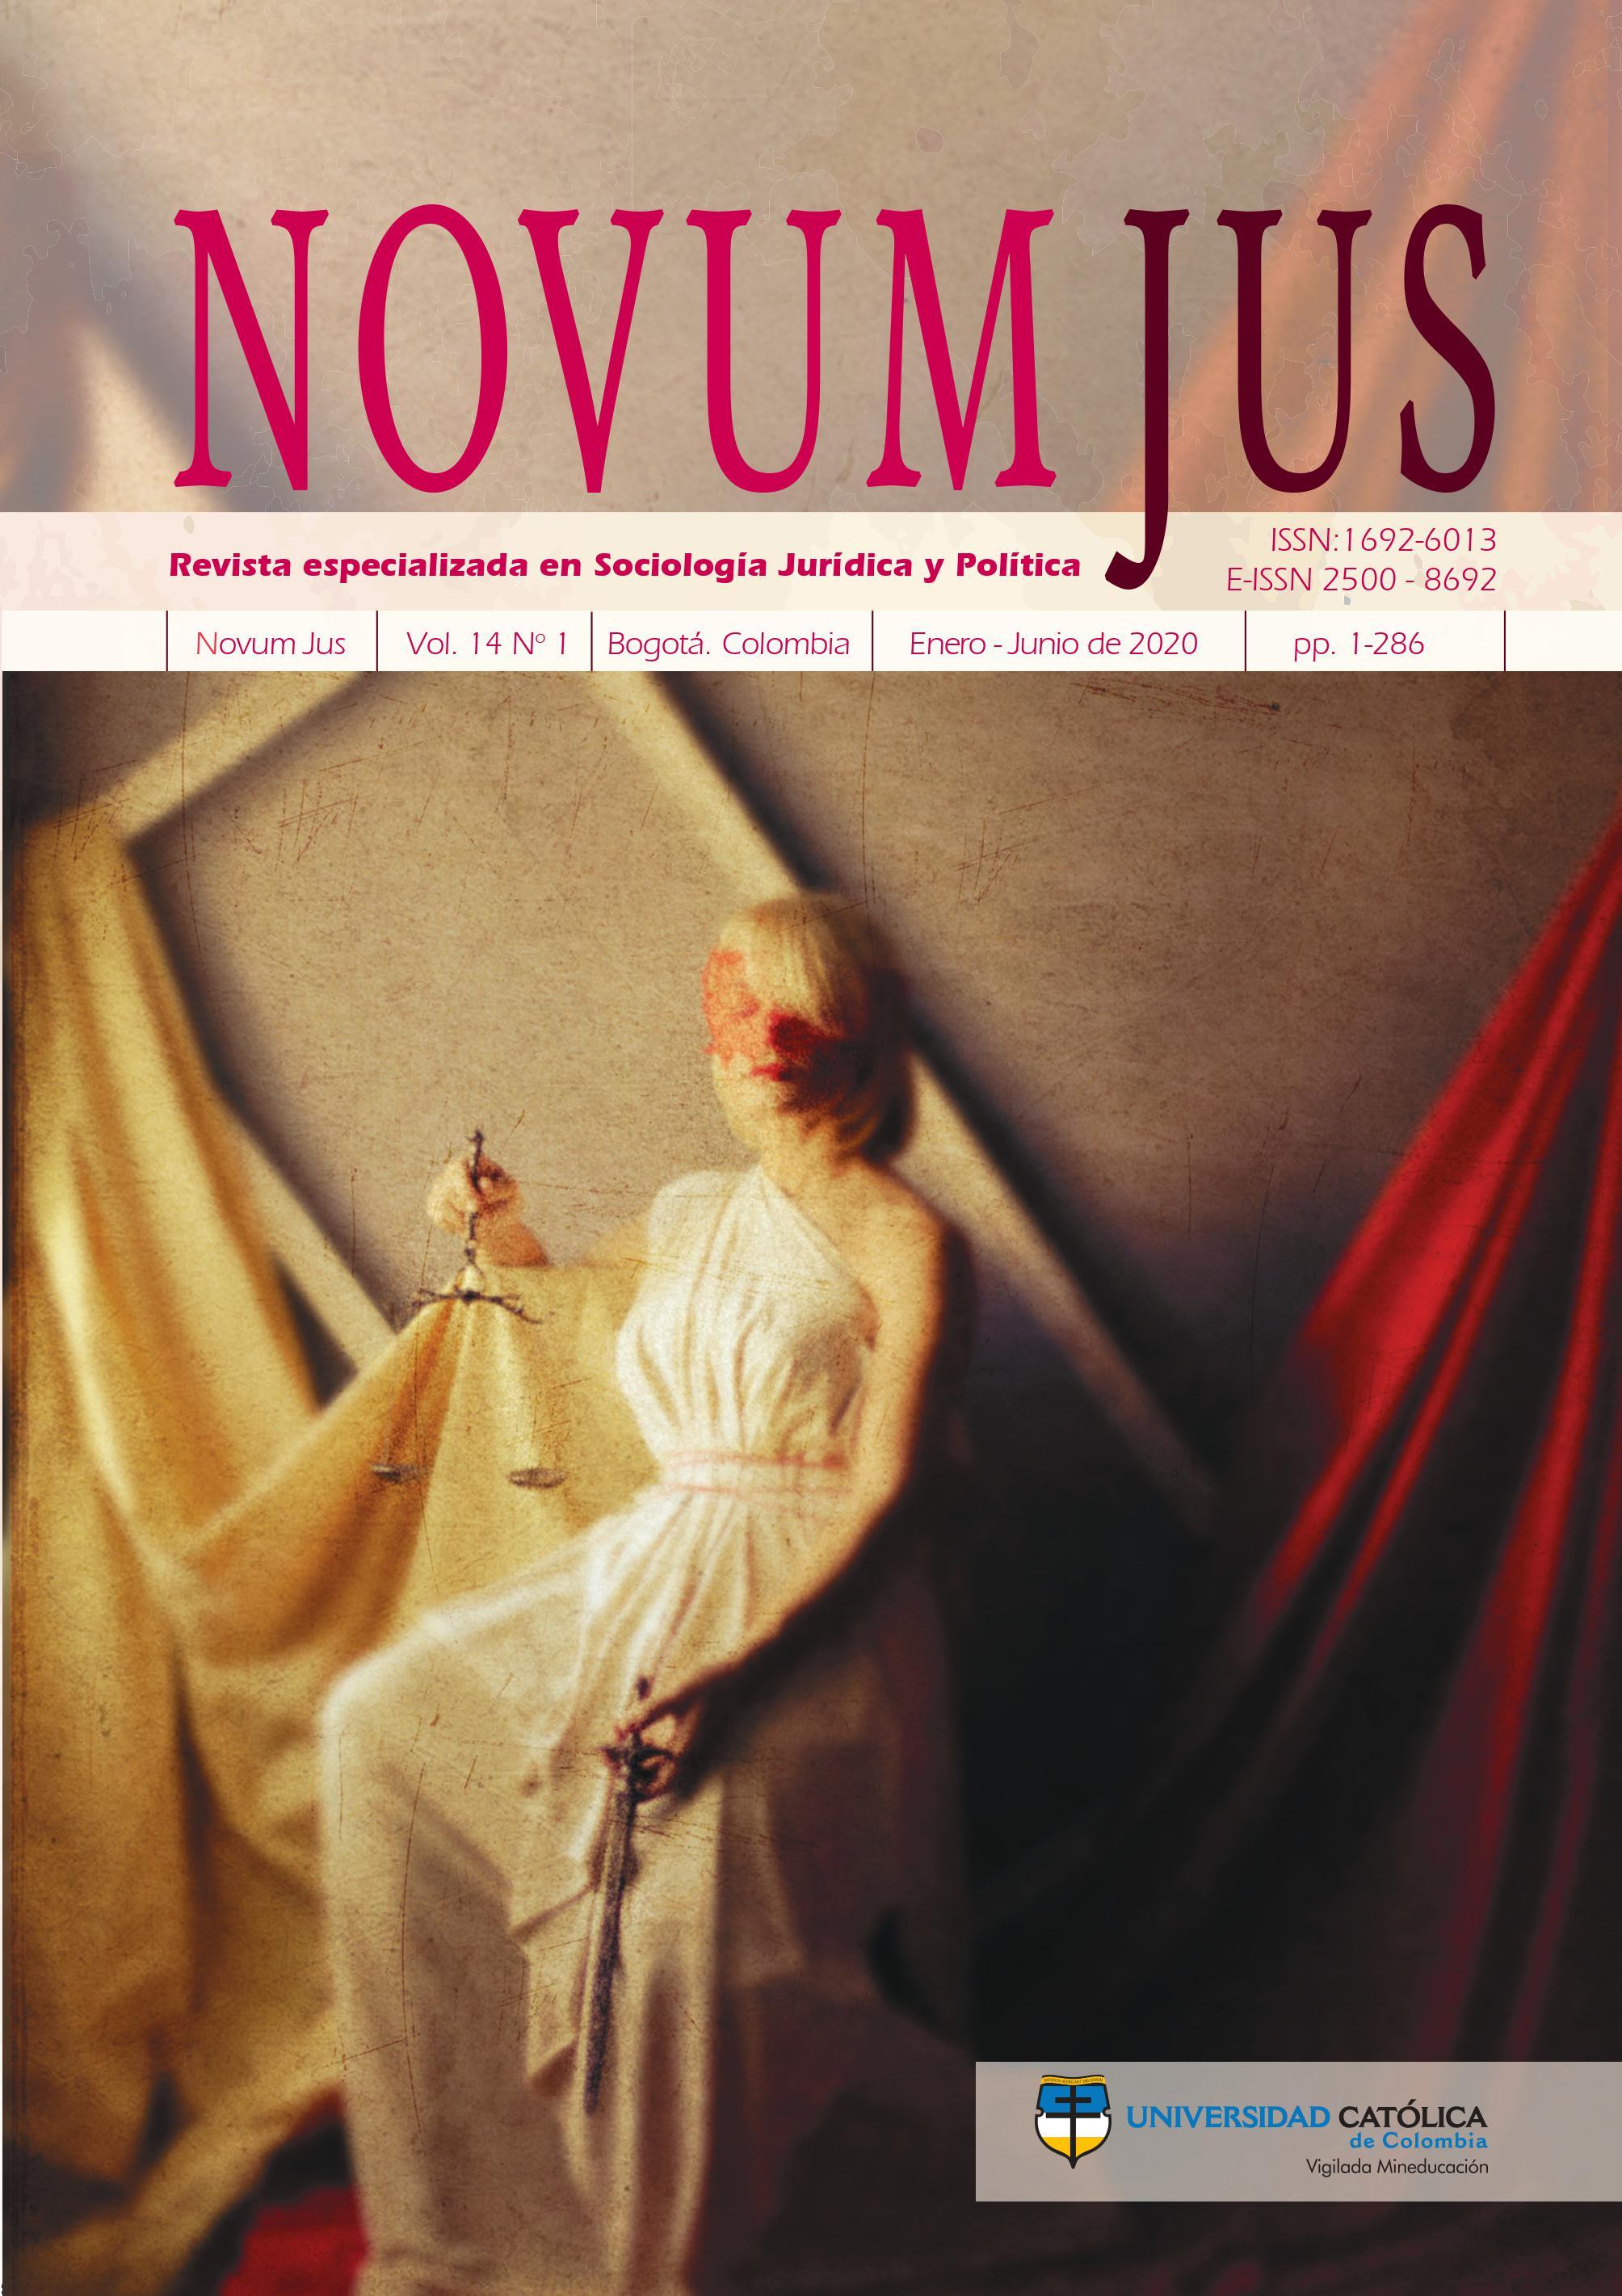 Novum Jus